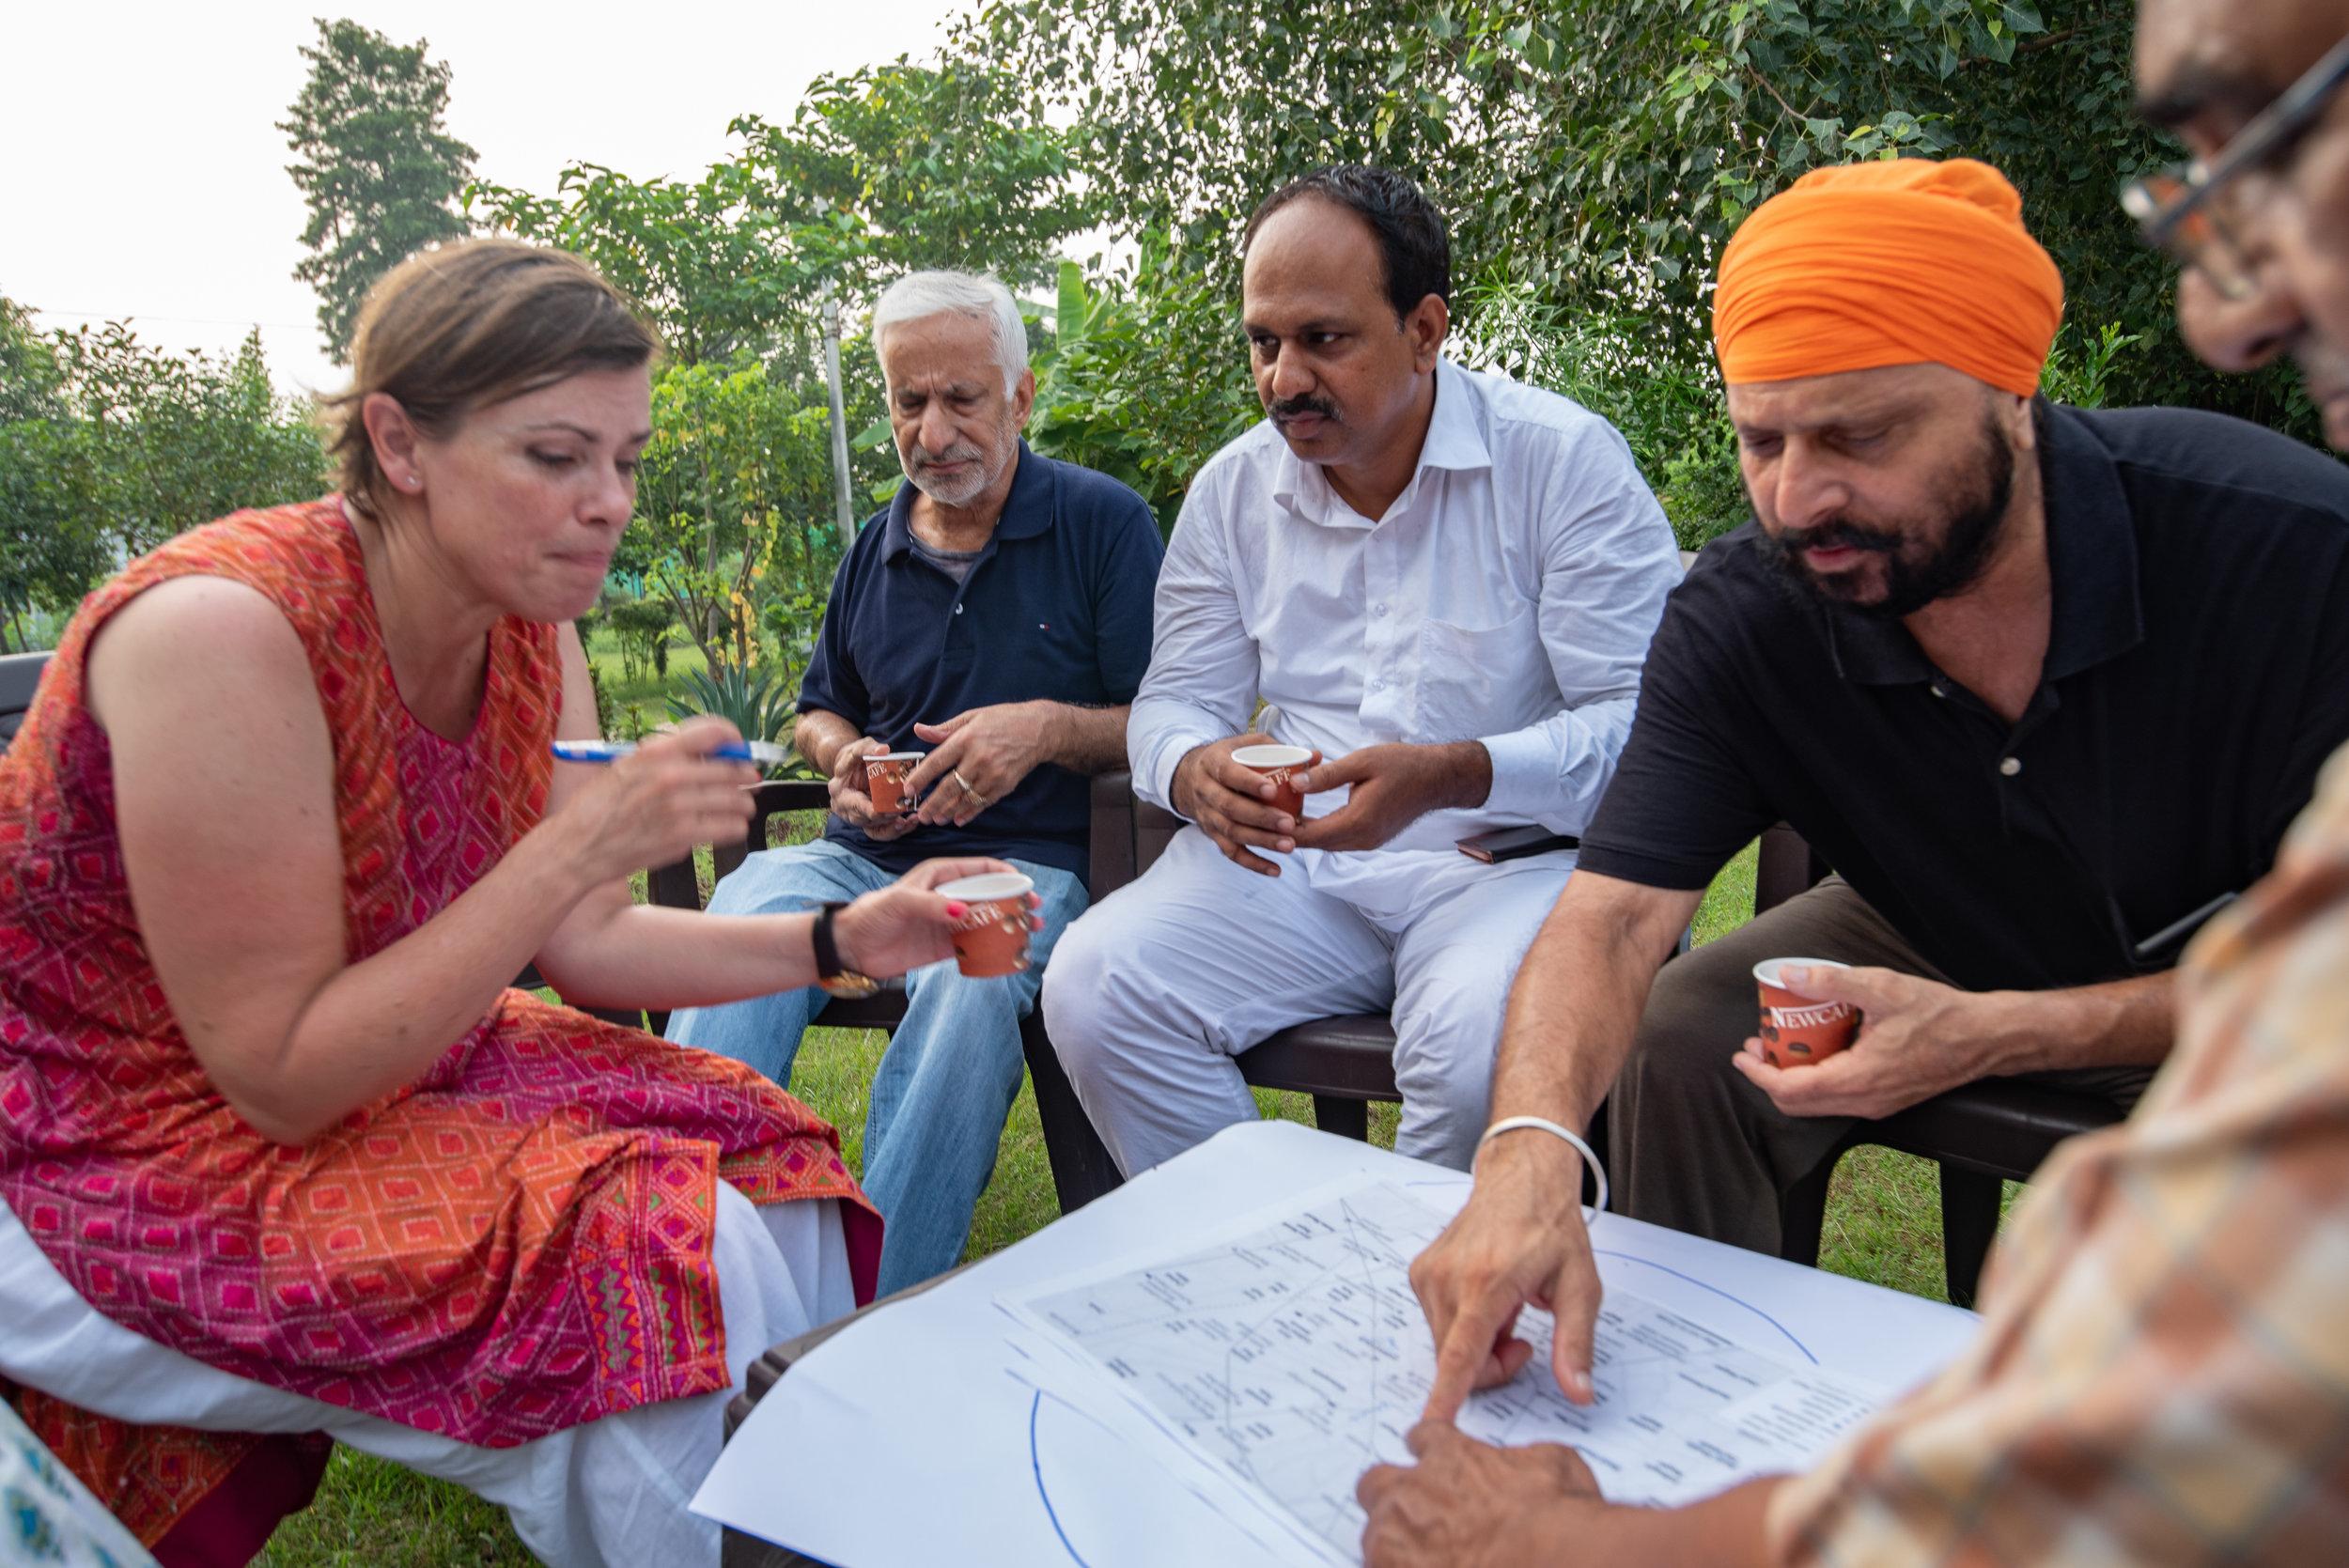 Group 2 discussing Jalandhar's assets